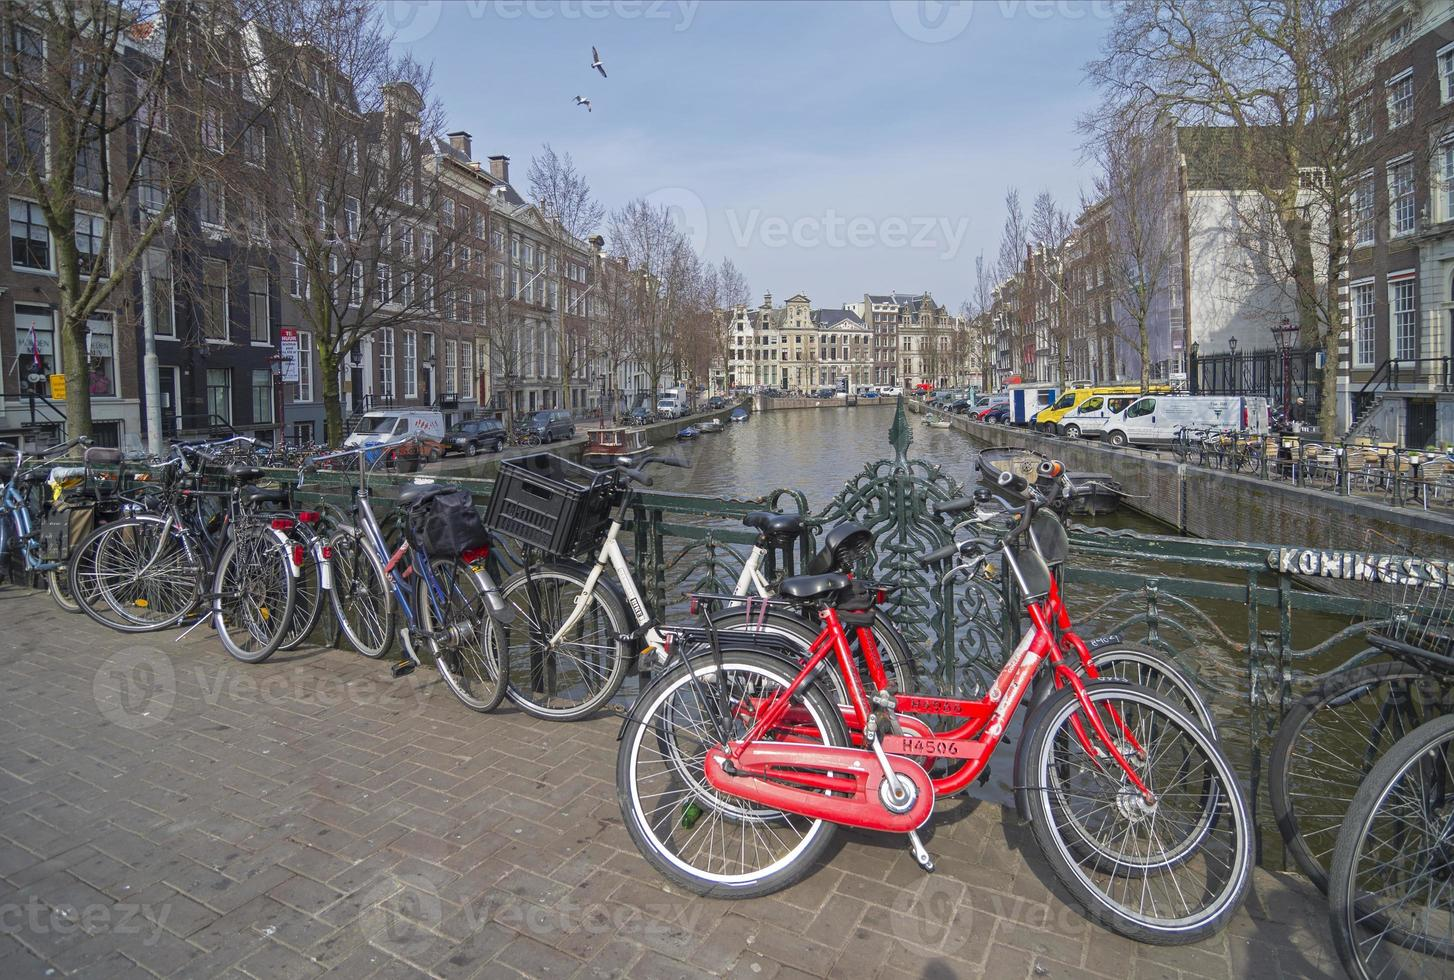 parcheggio per biciclette presso il canale, amsterdam. foto